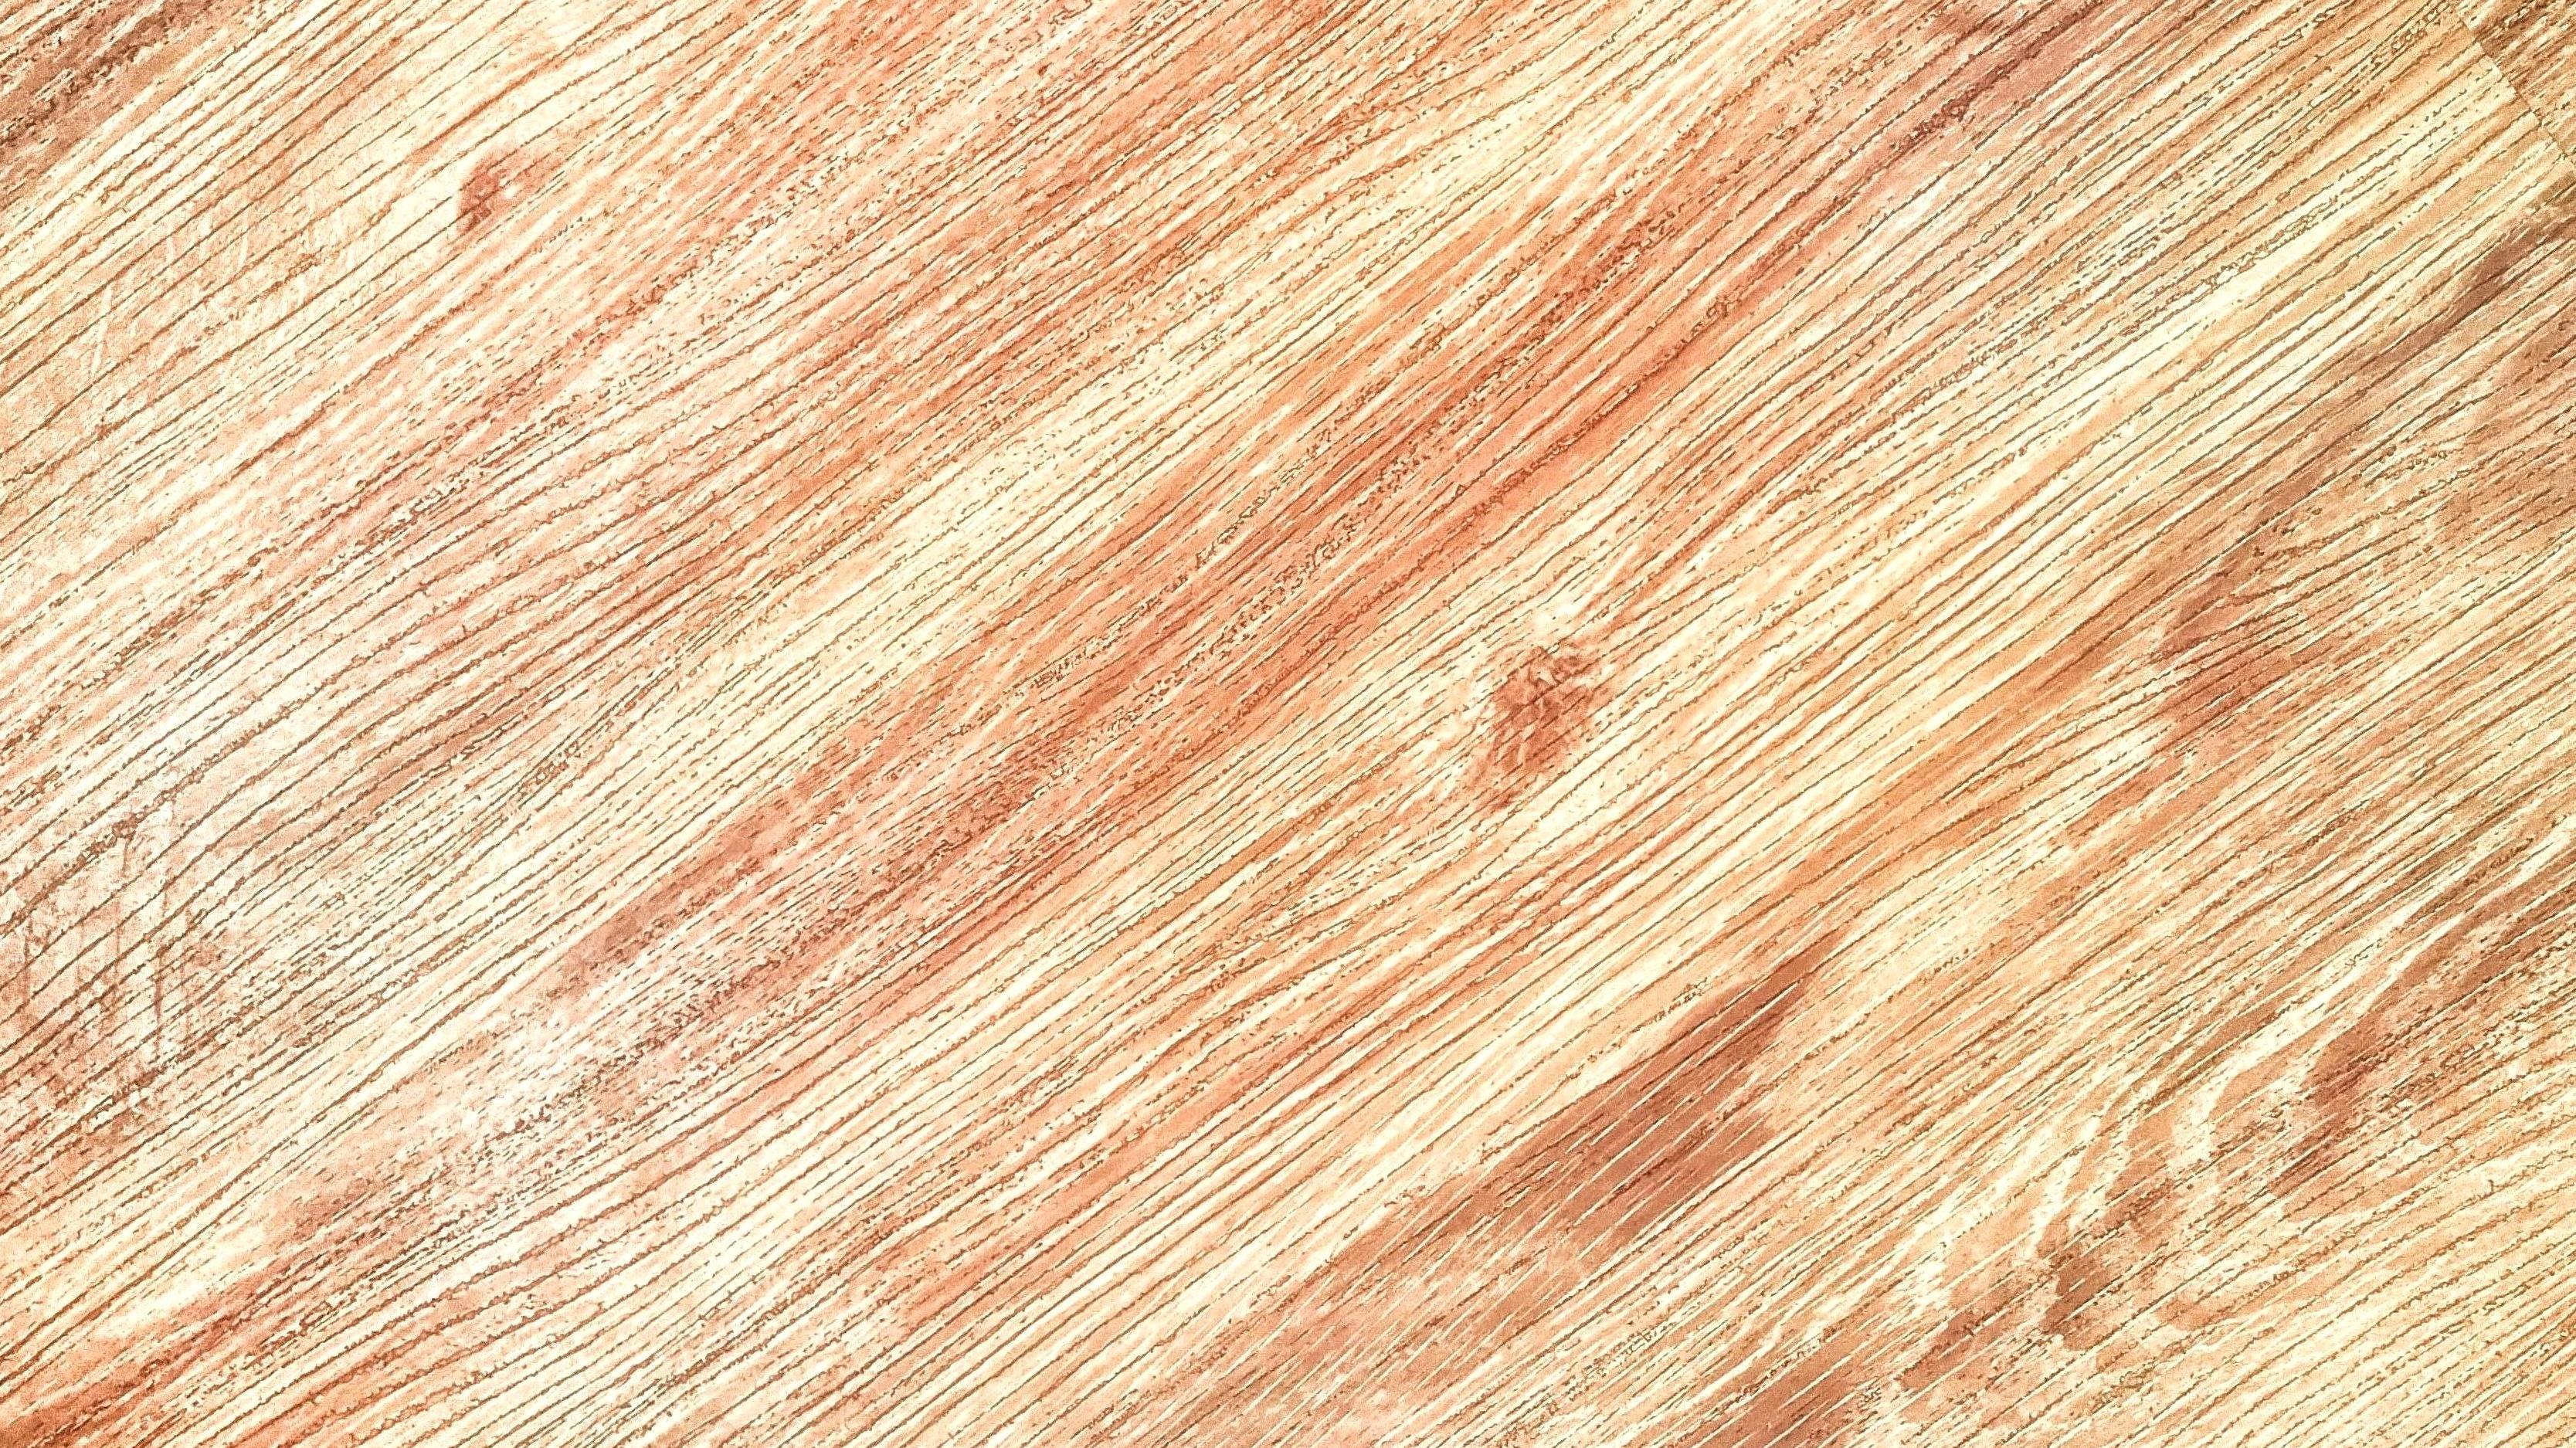 Kostenlose Bild Licht Holz Textur Brett Braun